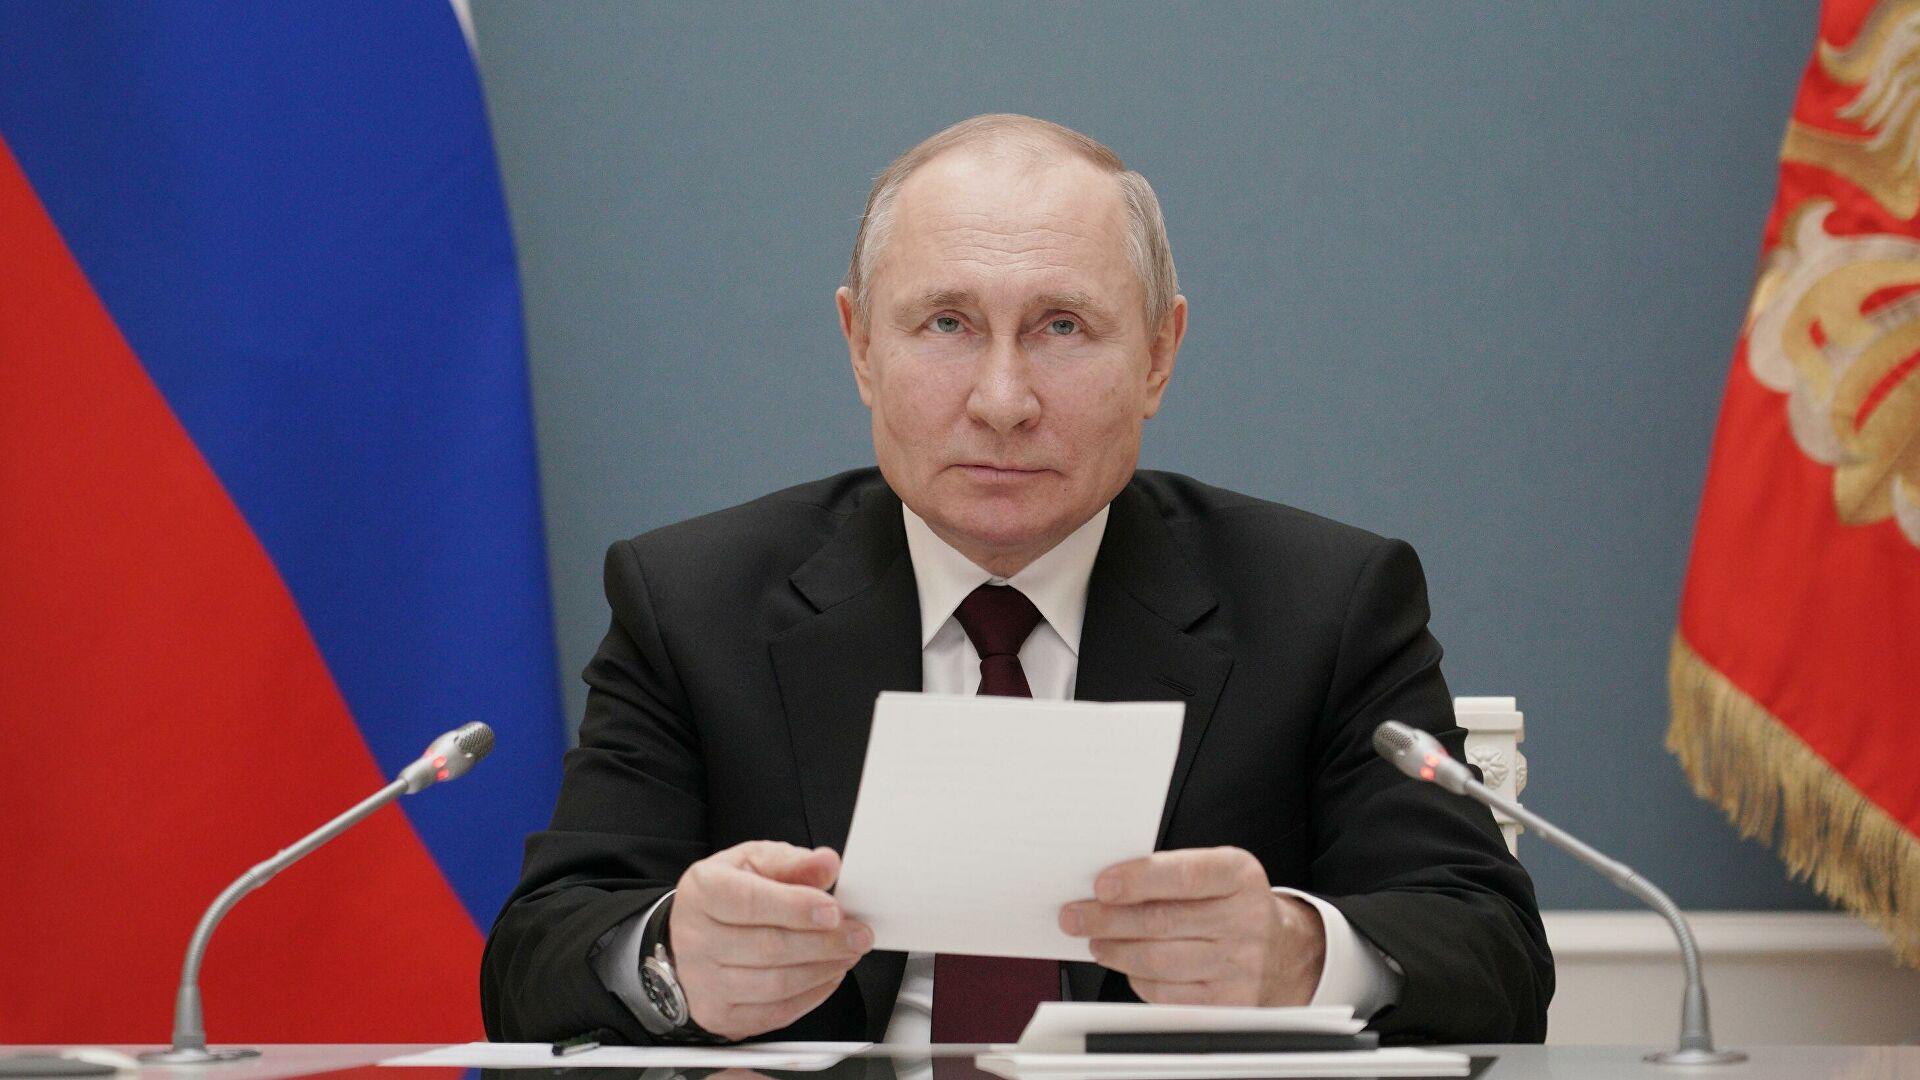 """""""Историјски датум"""": Путин честитао Кримљанима поновно уједињење Крима са Русијом"""